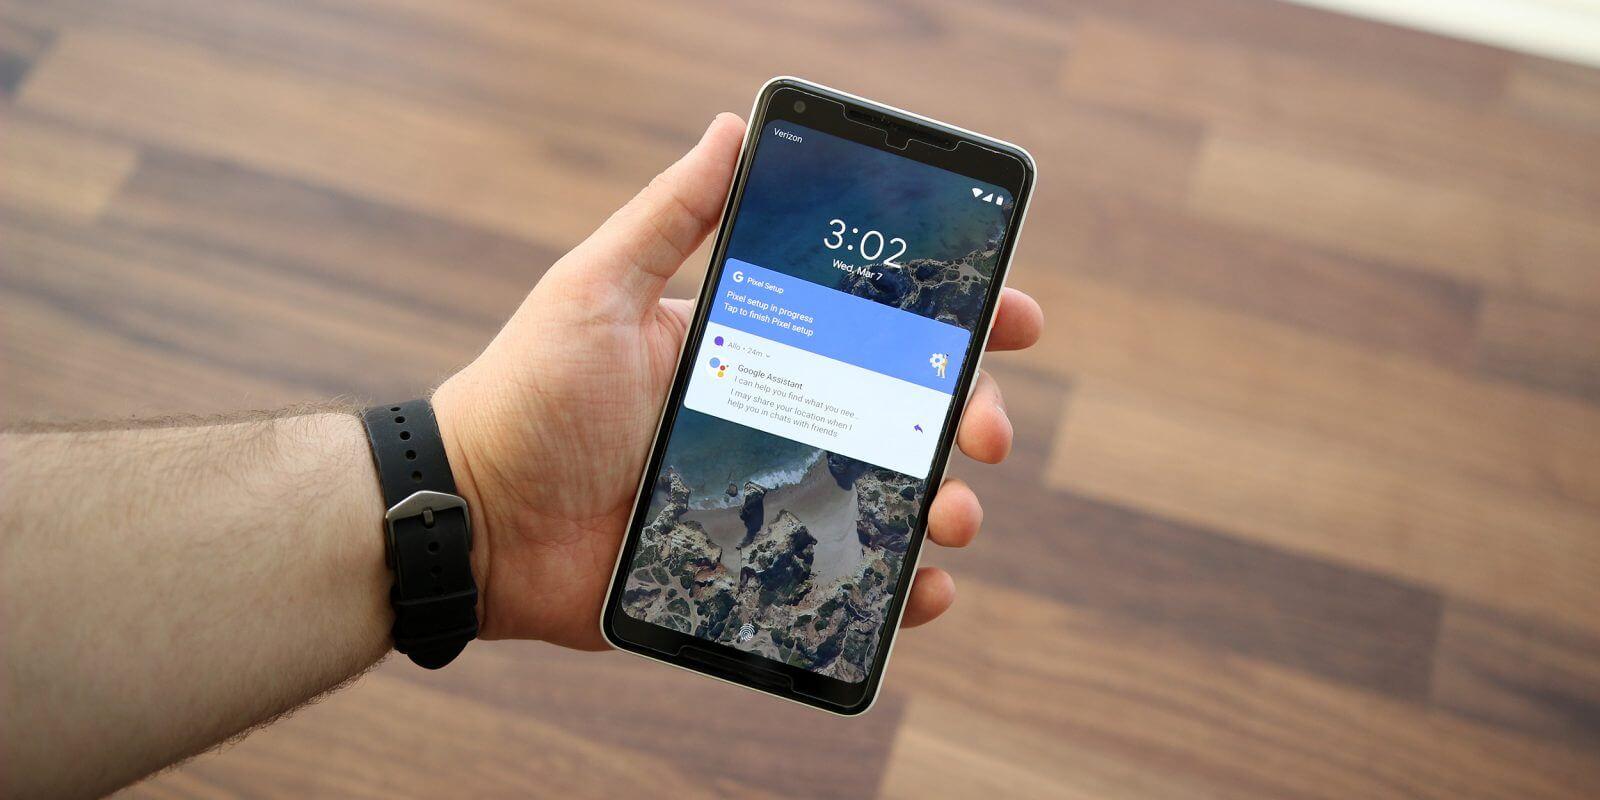 android p dp1 lockscreen1 - Google I/O 2018: oito novidades aguardadas para o evento amanhã